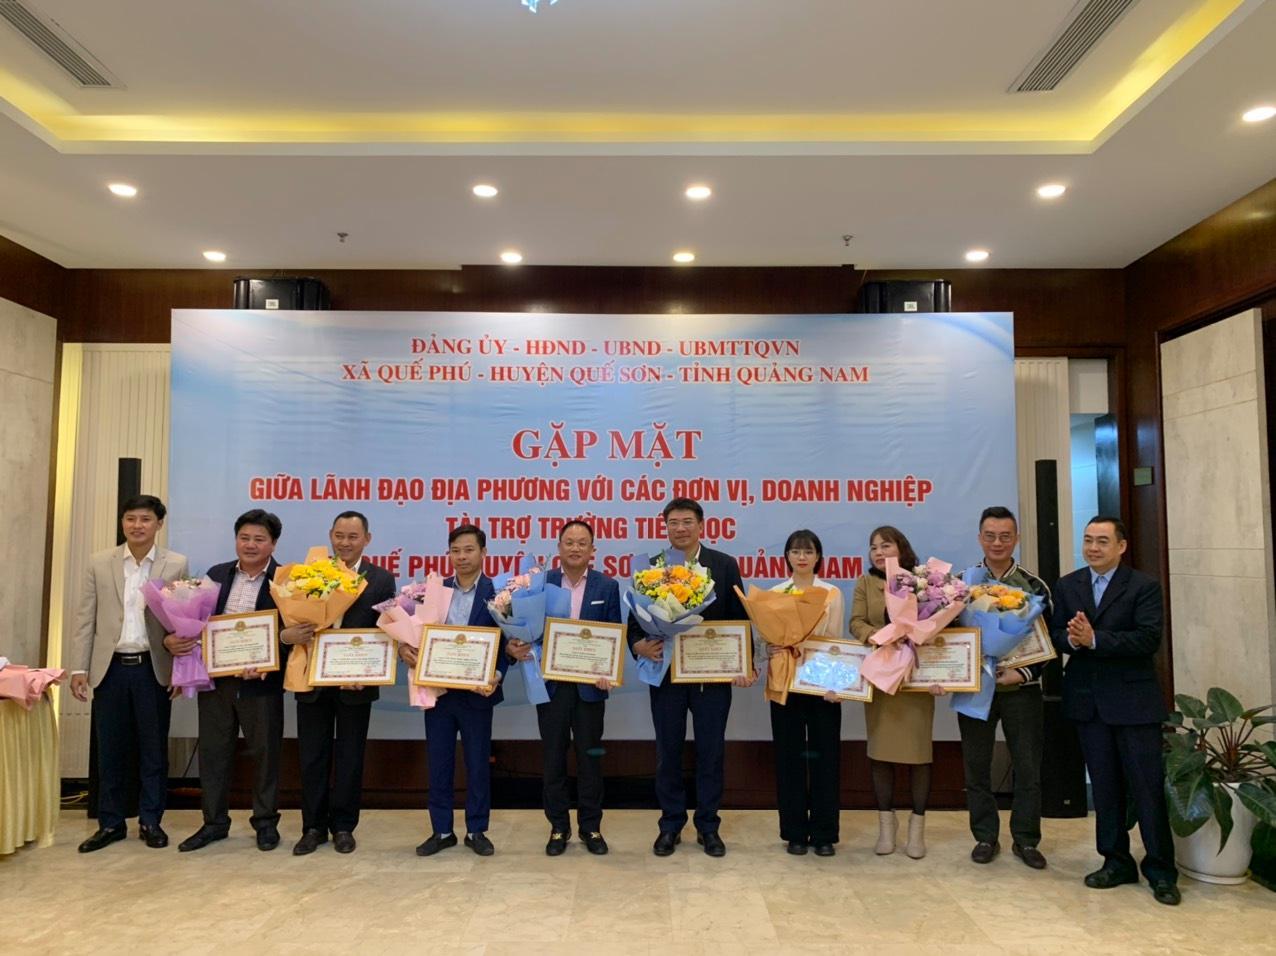 Ông Nguyễn Cảnh Hồng (thứ 5 từ trái sang) – Tổng giám đốc Eurowindow cùng các nhà tài trợ nhận hoa tri ân từ lãnh đạo huyện Quế Sơn vì những đóng góp cho nền giáo dục huyện Quế Sơn